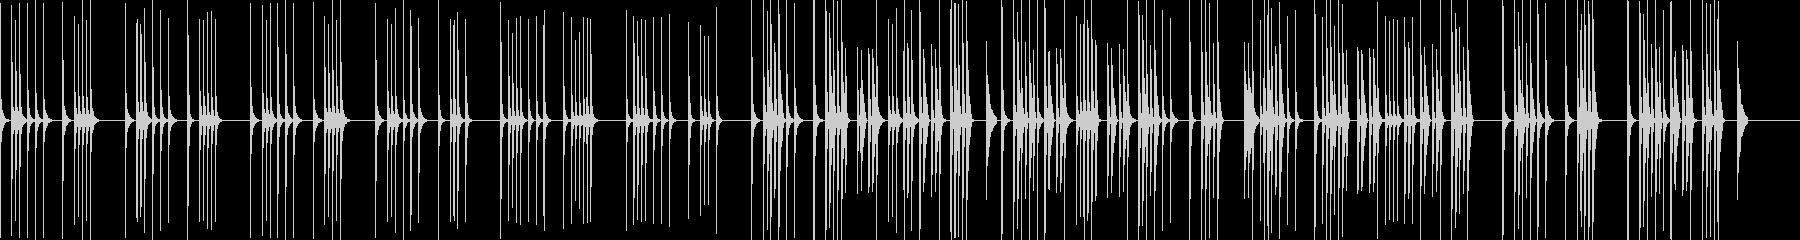 カリンバの超シンプル演奏BGMの未再生の波形